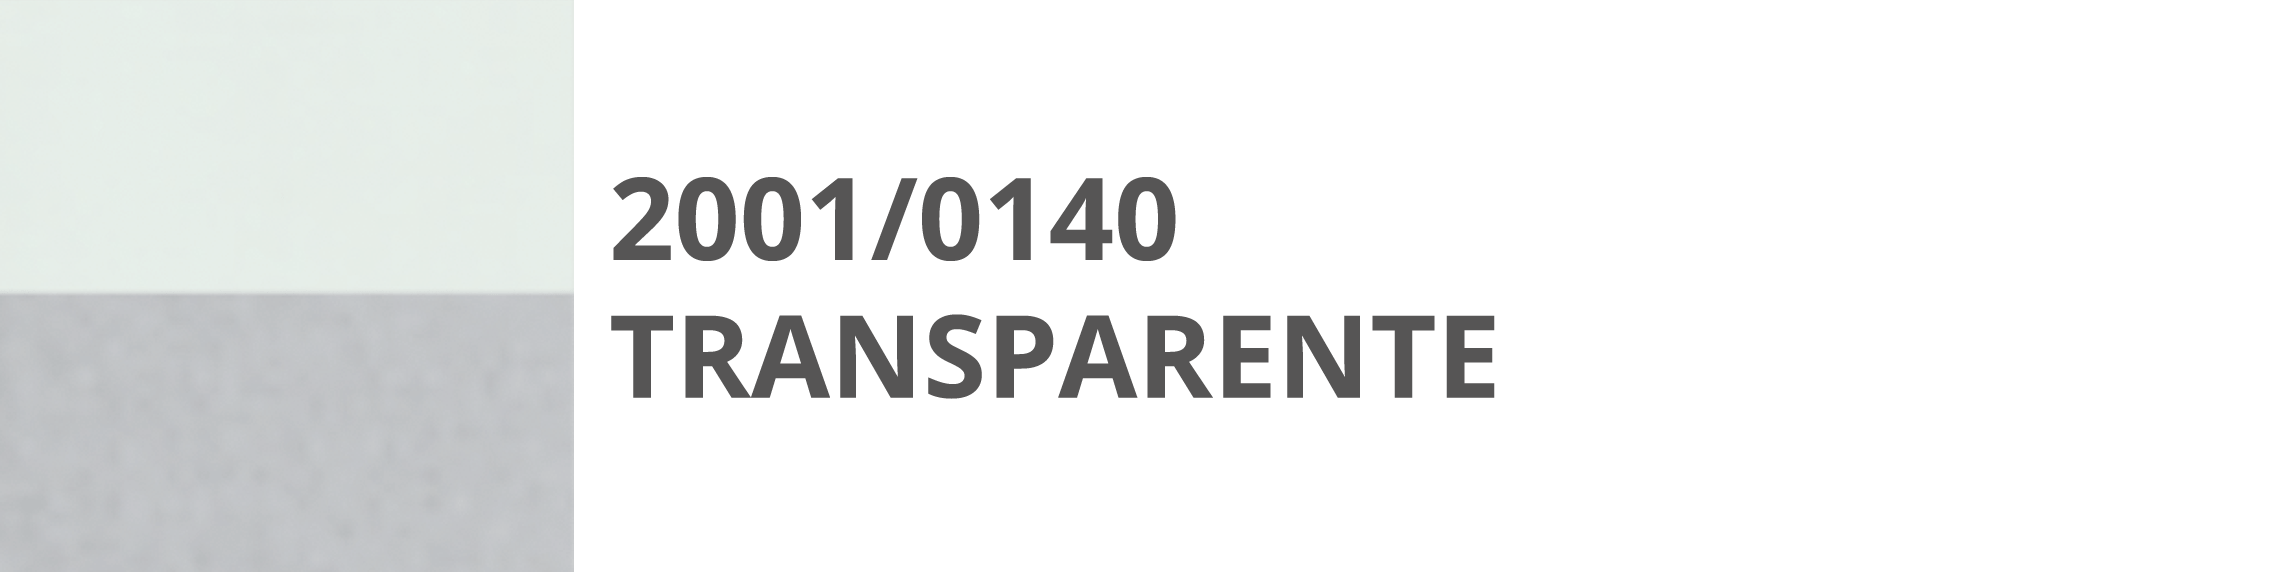 2001 140 Trasparente